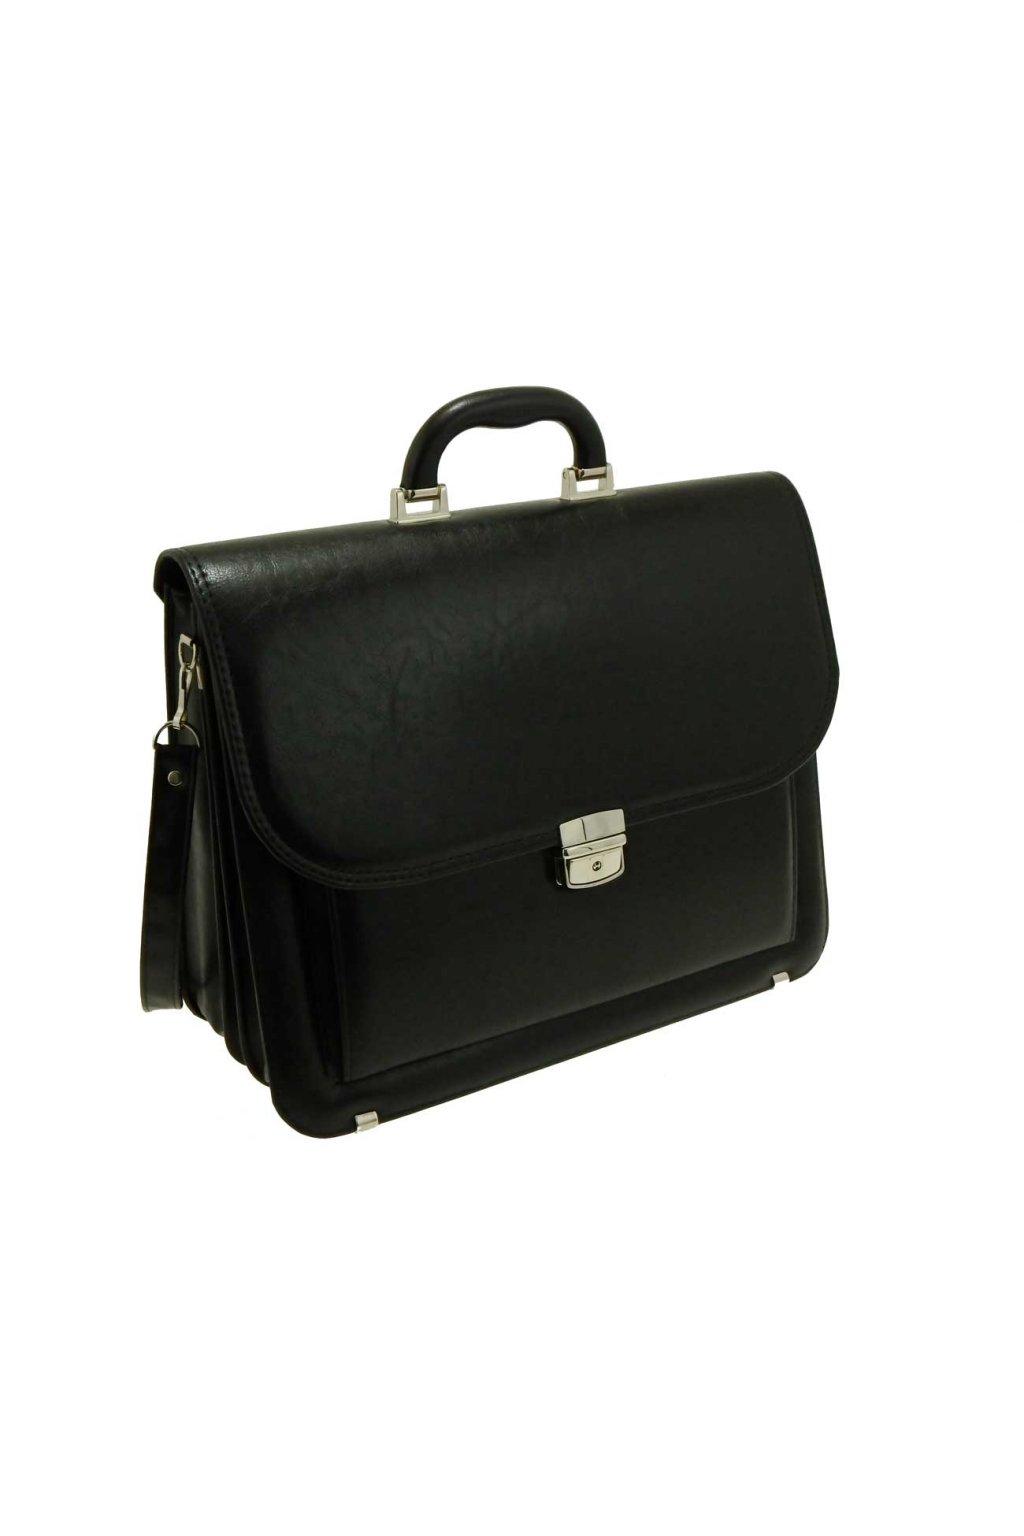 Panska taska PT10 T0020 cerna